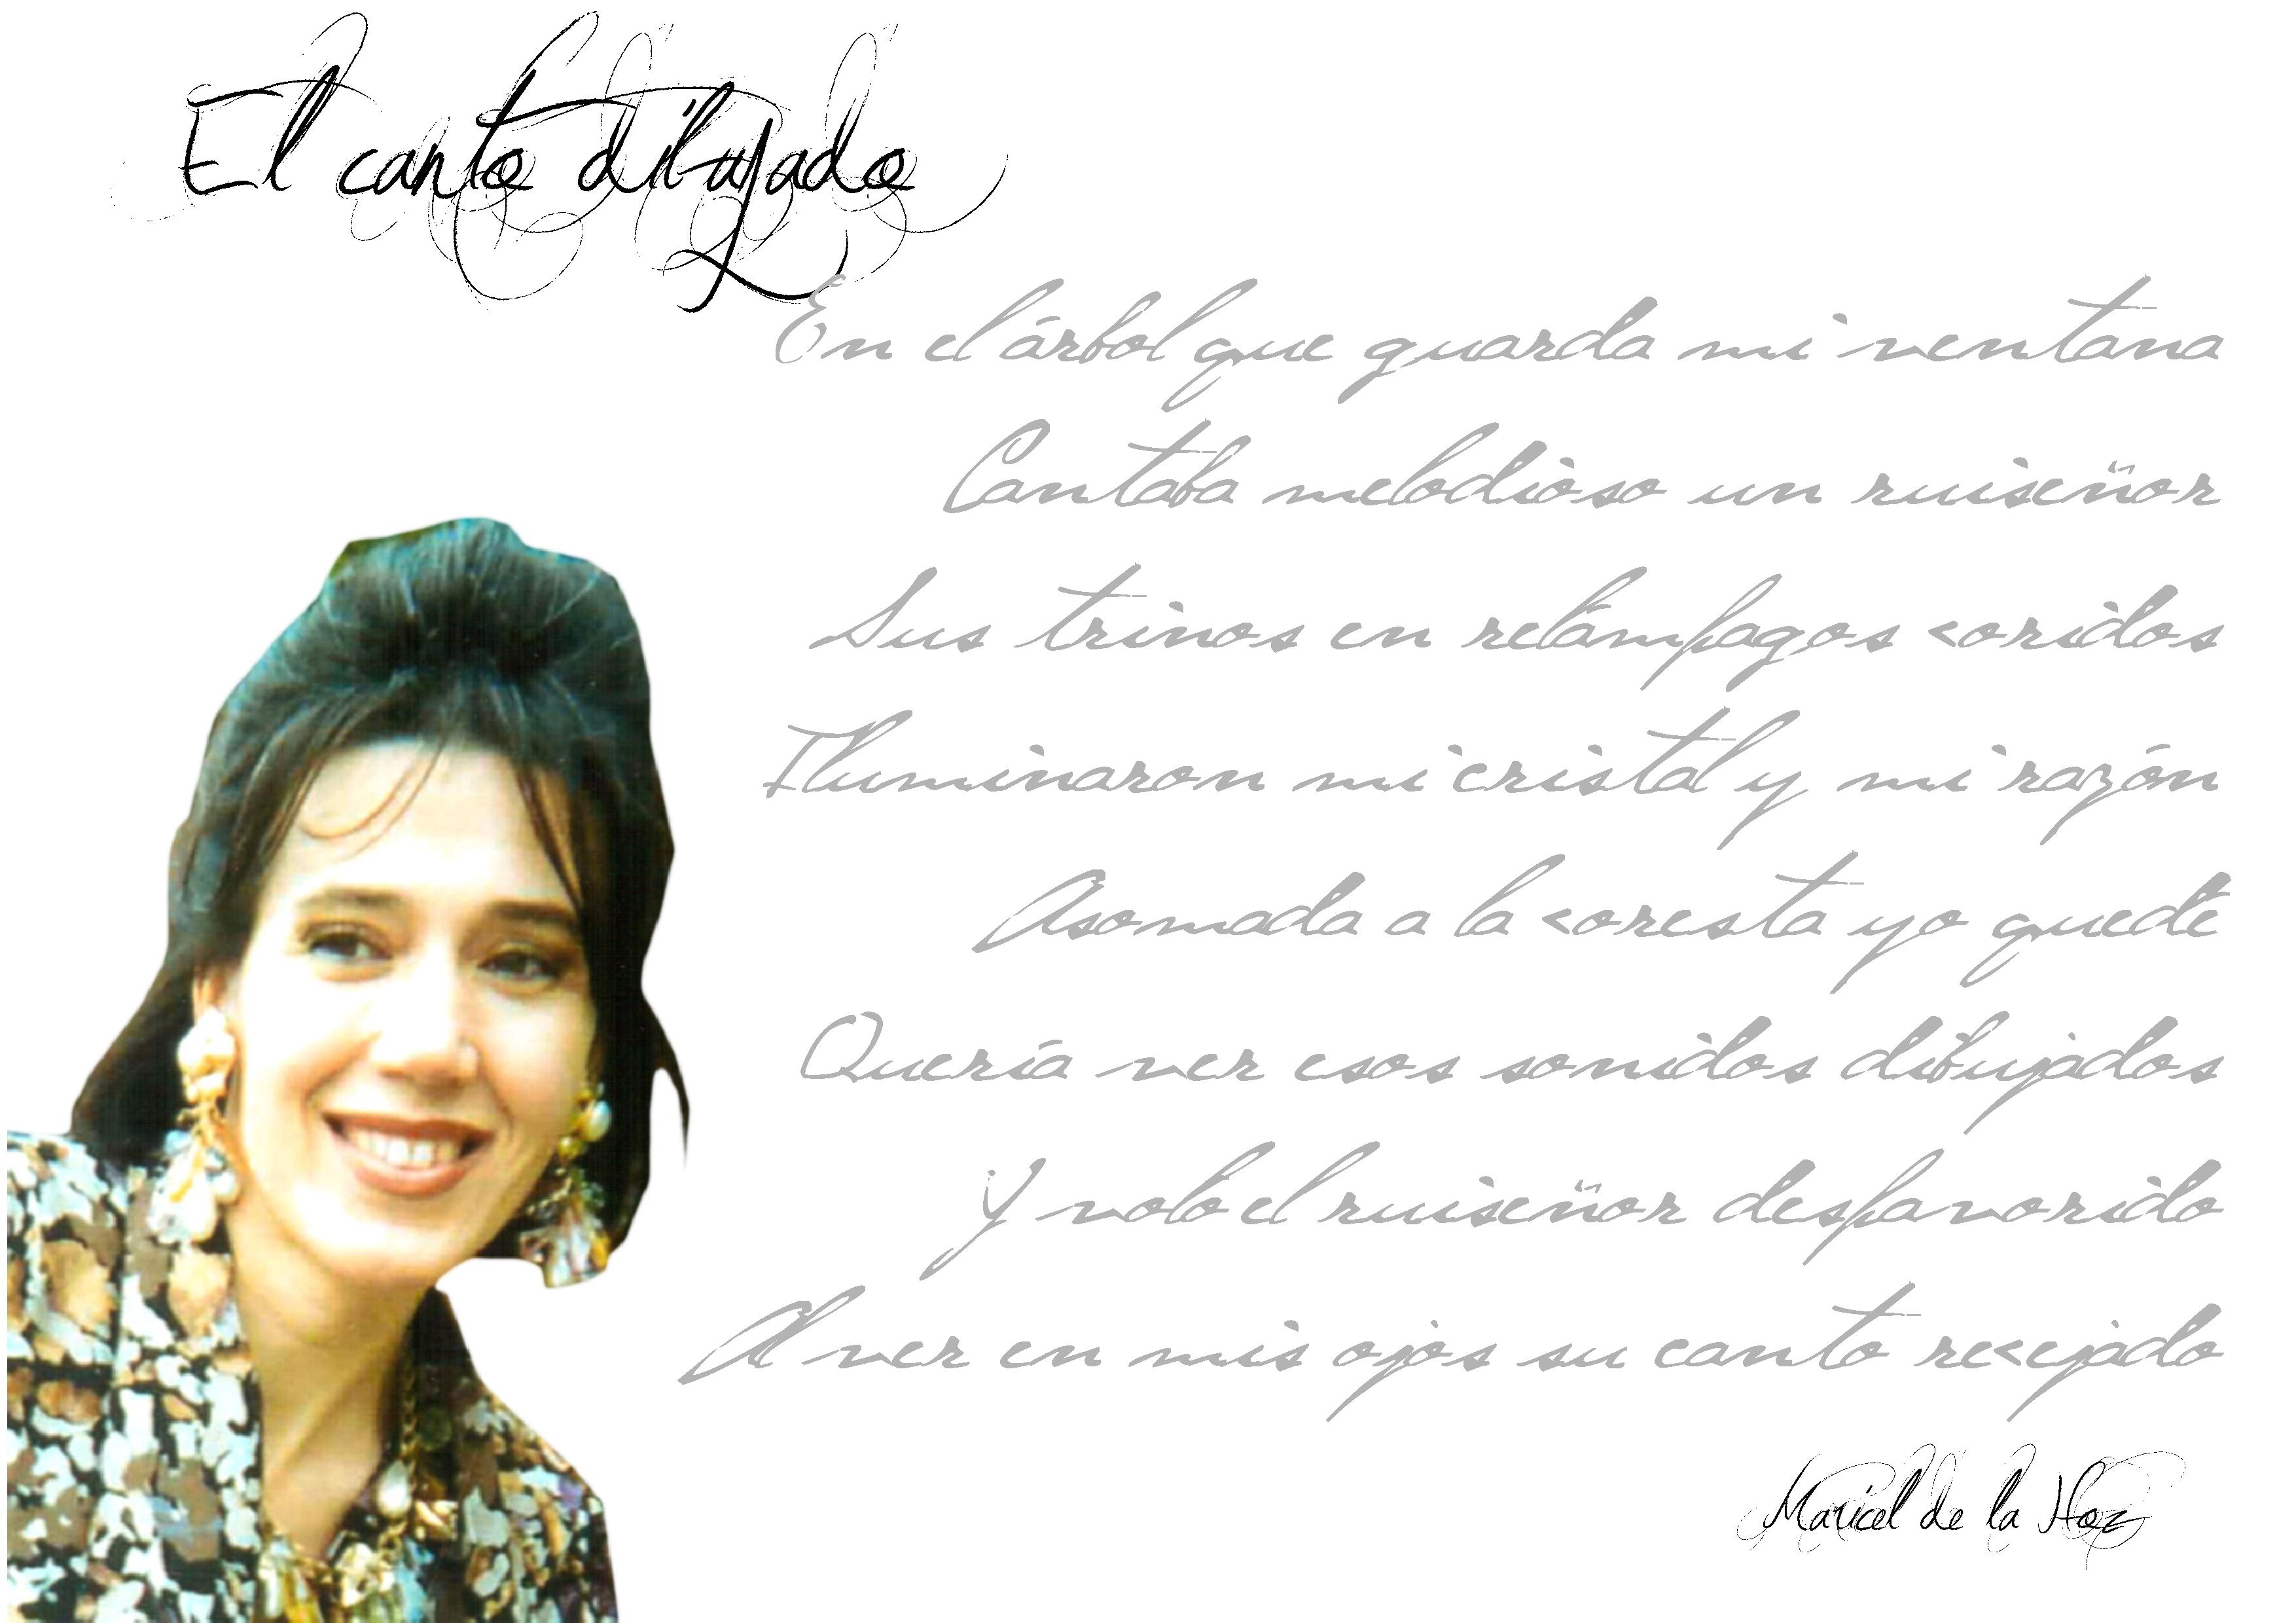 """maricel de la hoz - FichaAutor - Maricel de la Hoz: """"La poesía no es solo lo que se escribe, sino lo que dibuja en el corazón del que la lee""""."""